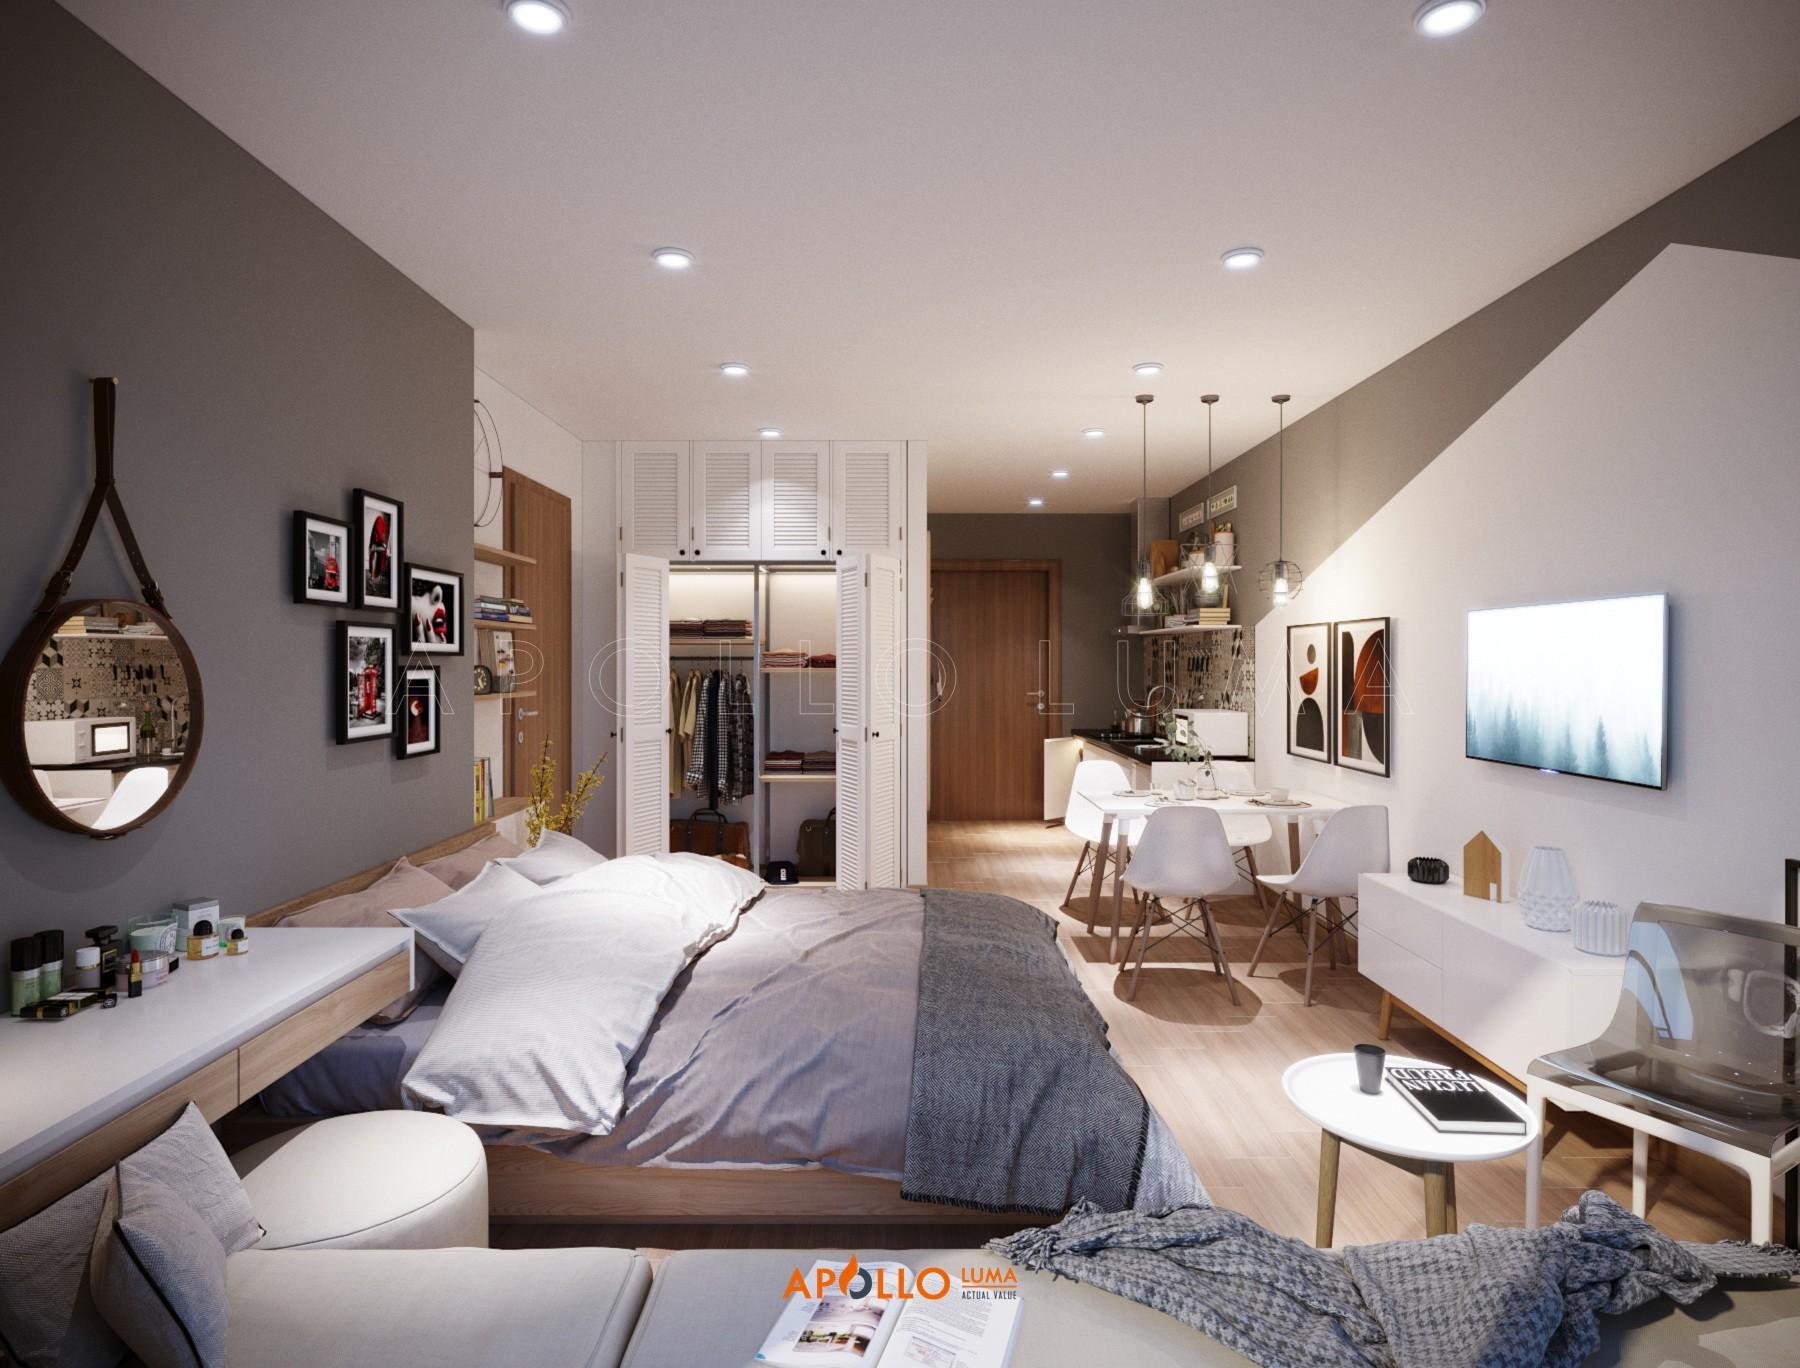 Thiết kế nội thất căn hộ Studio Vinhomes Ocean Park hiện đại sang trọng